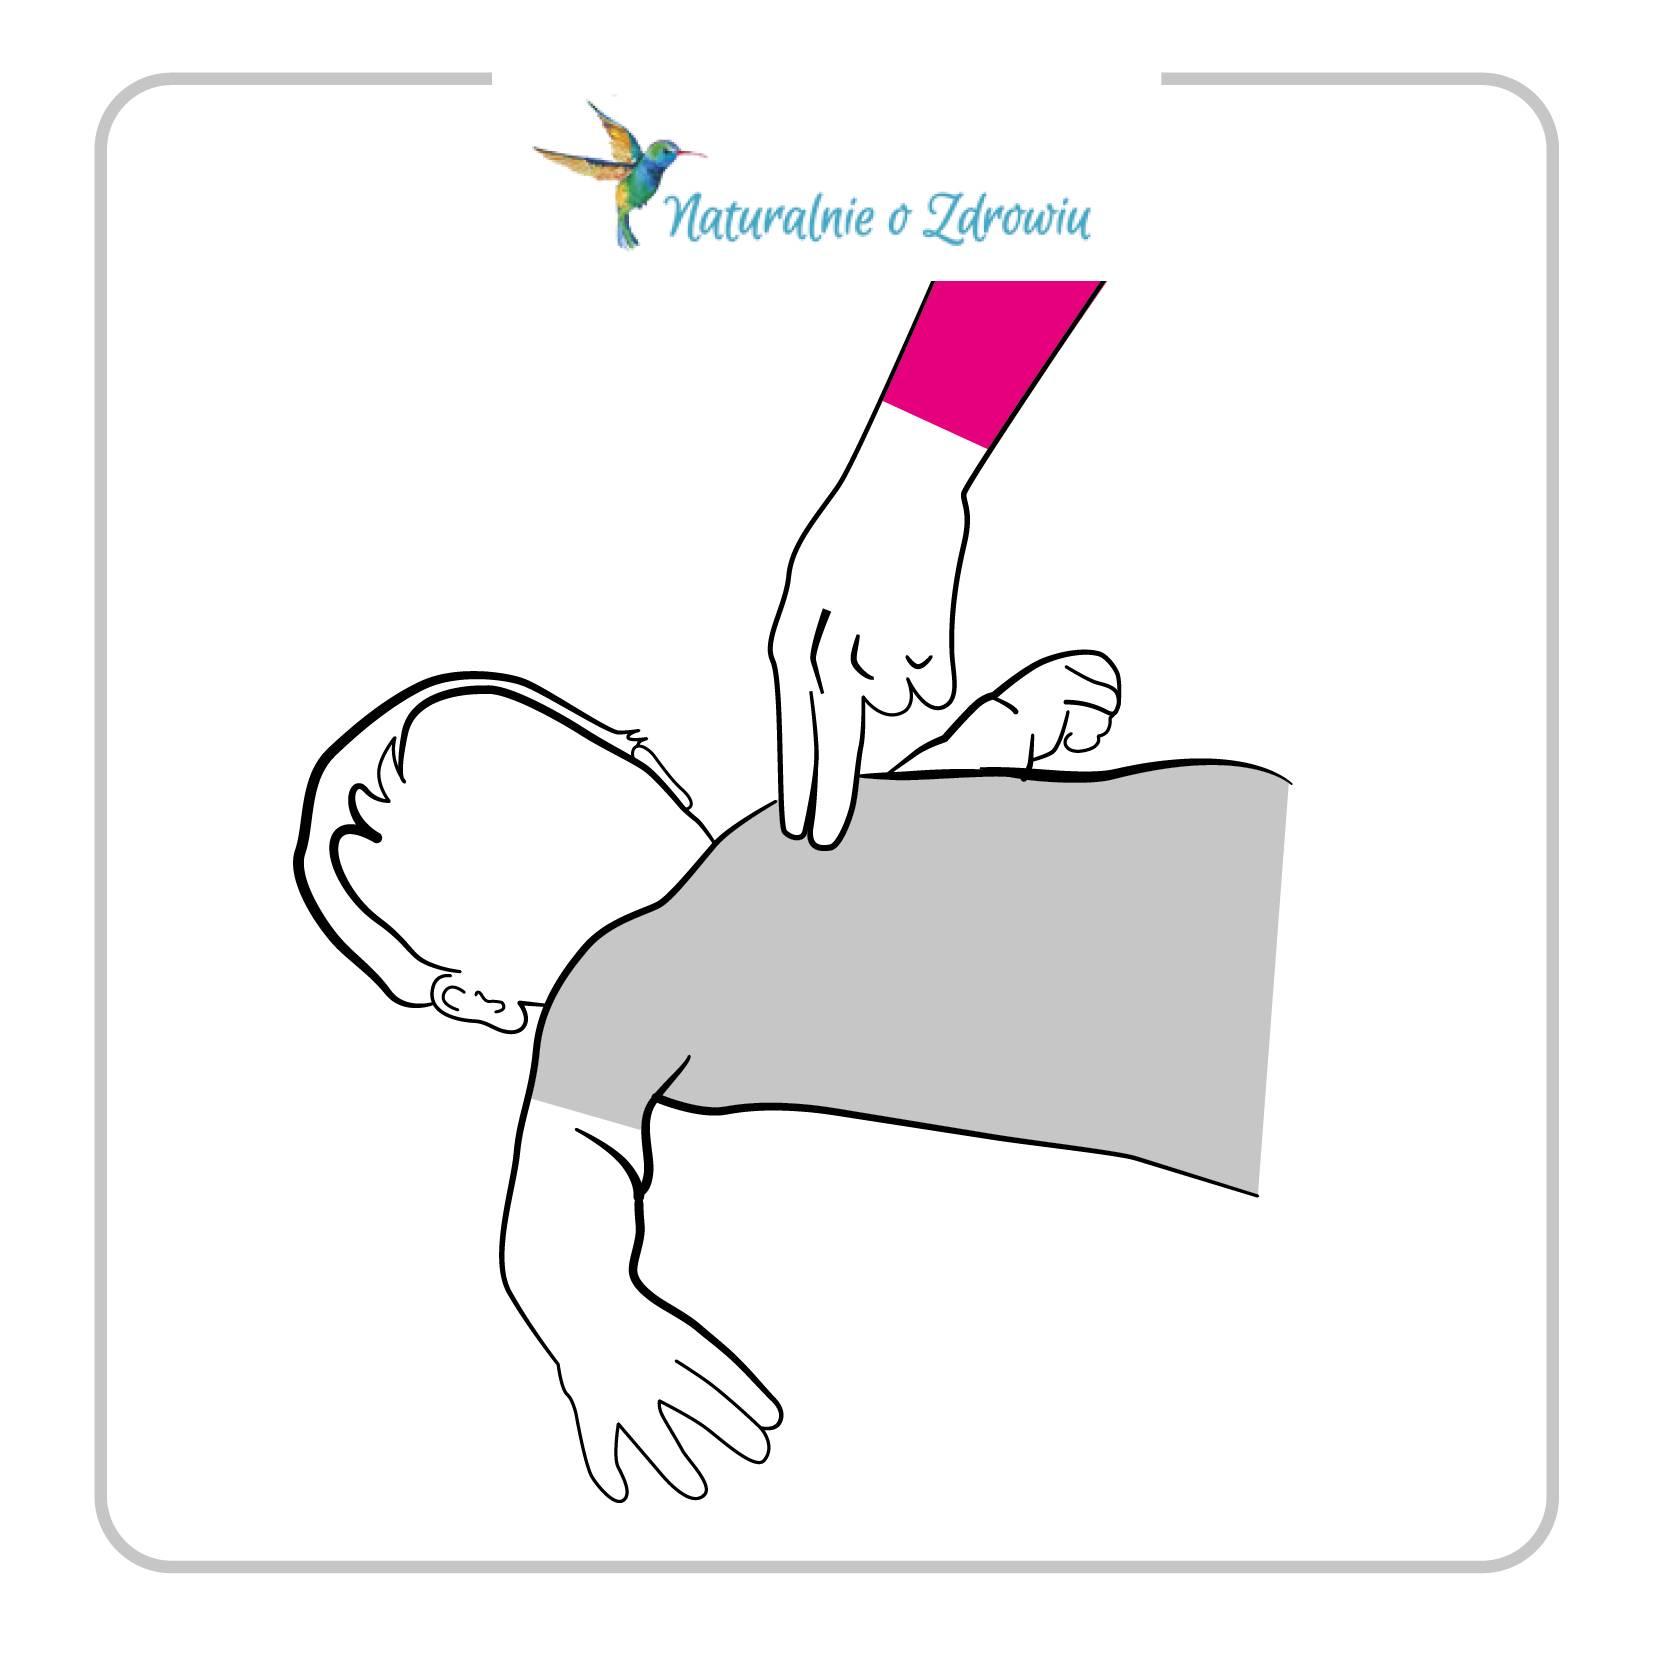 RKO u niemowląt - jak wykonać resuscytację u niemowlaka? Infografika - uciśnij 2 palcami klatkę piersiową.